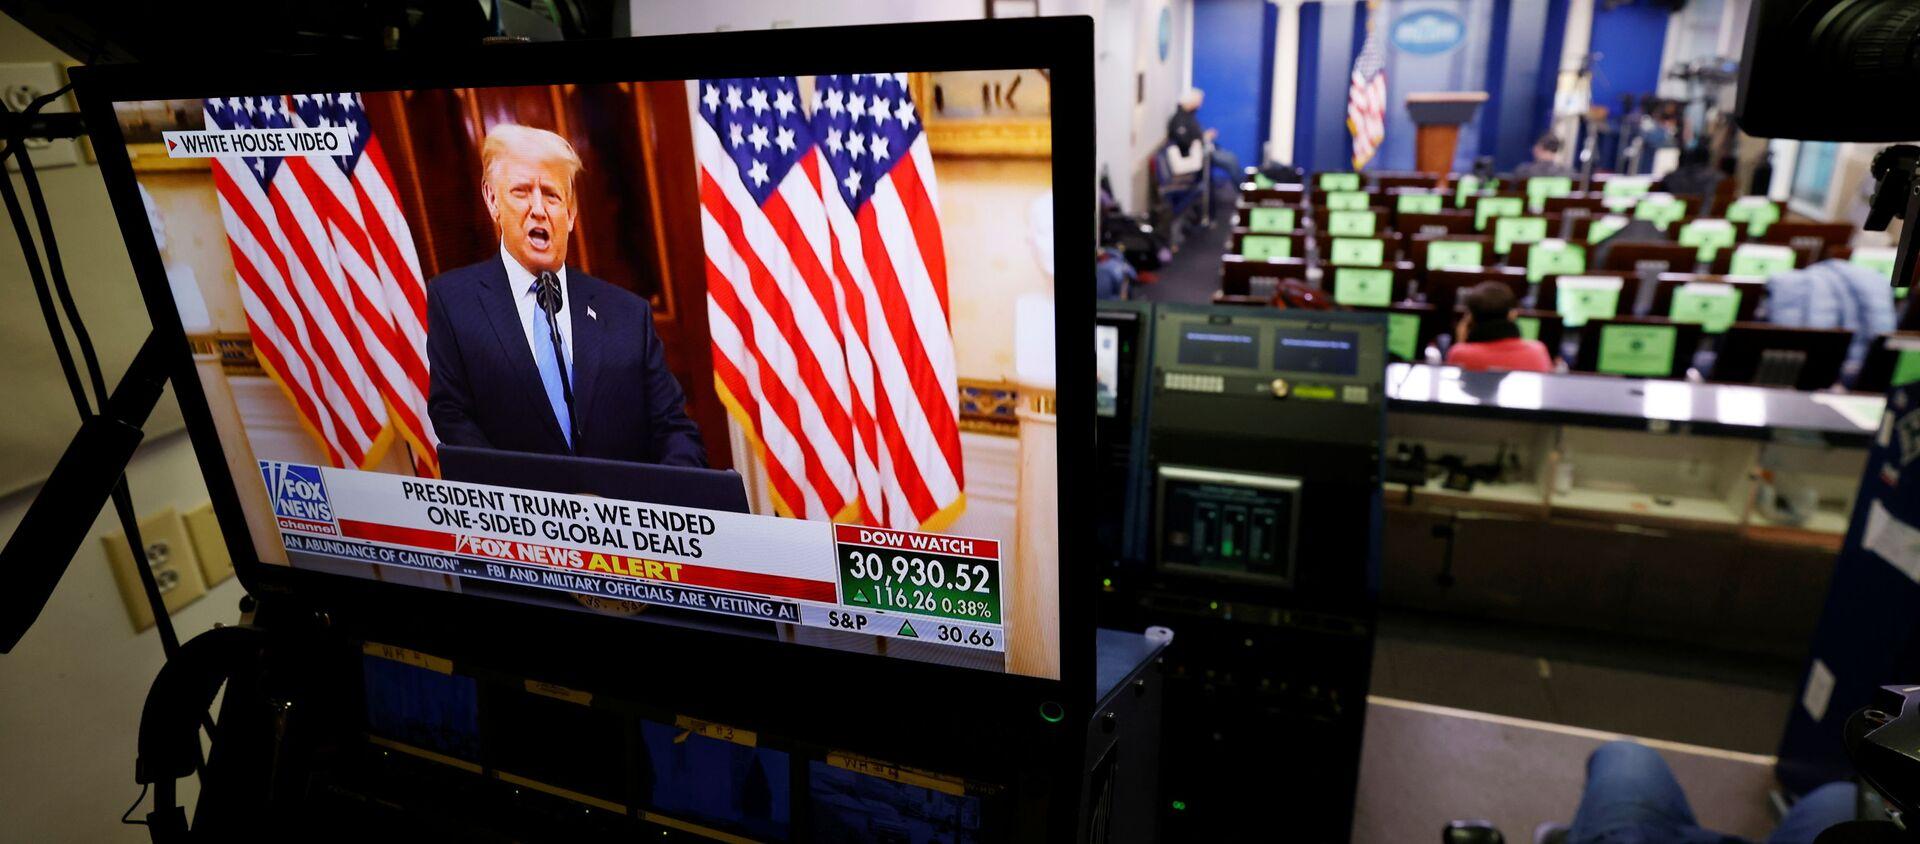 Президент США Дональд Трамп на телеэкране в последний день своего пребывания в должности в Вашингтоне - Sputnik Армения, 1920, 21.01.2021